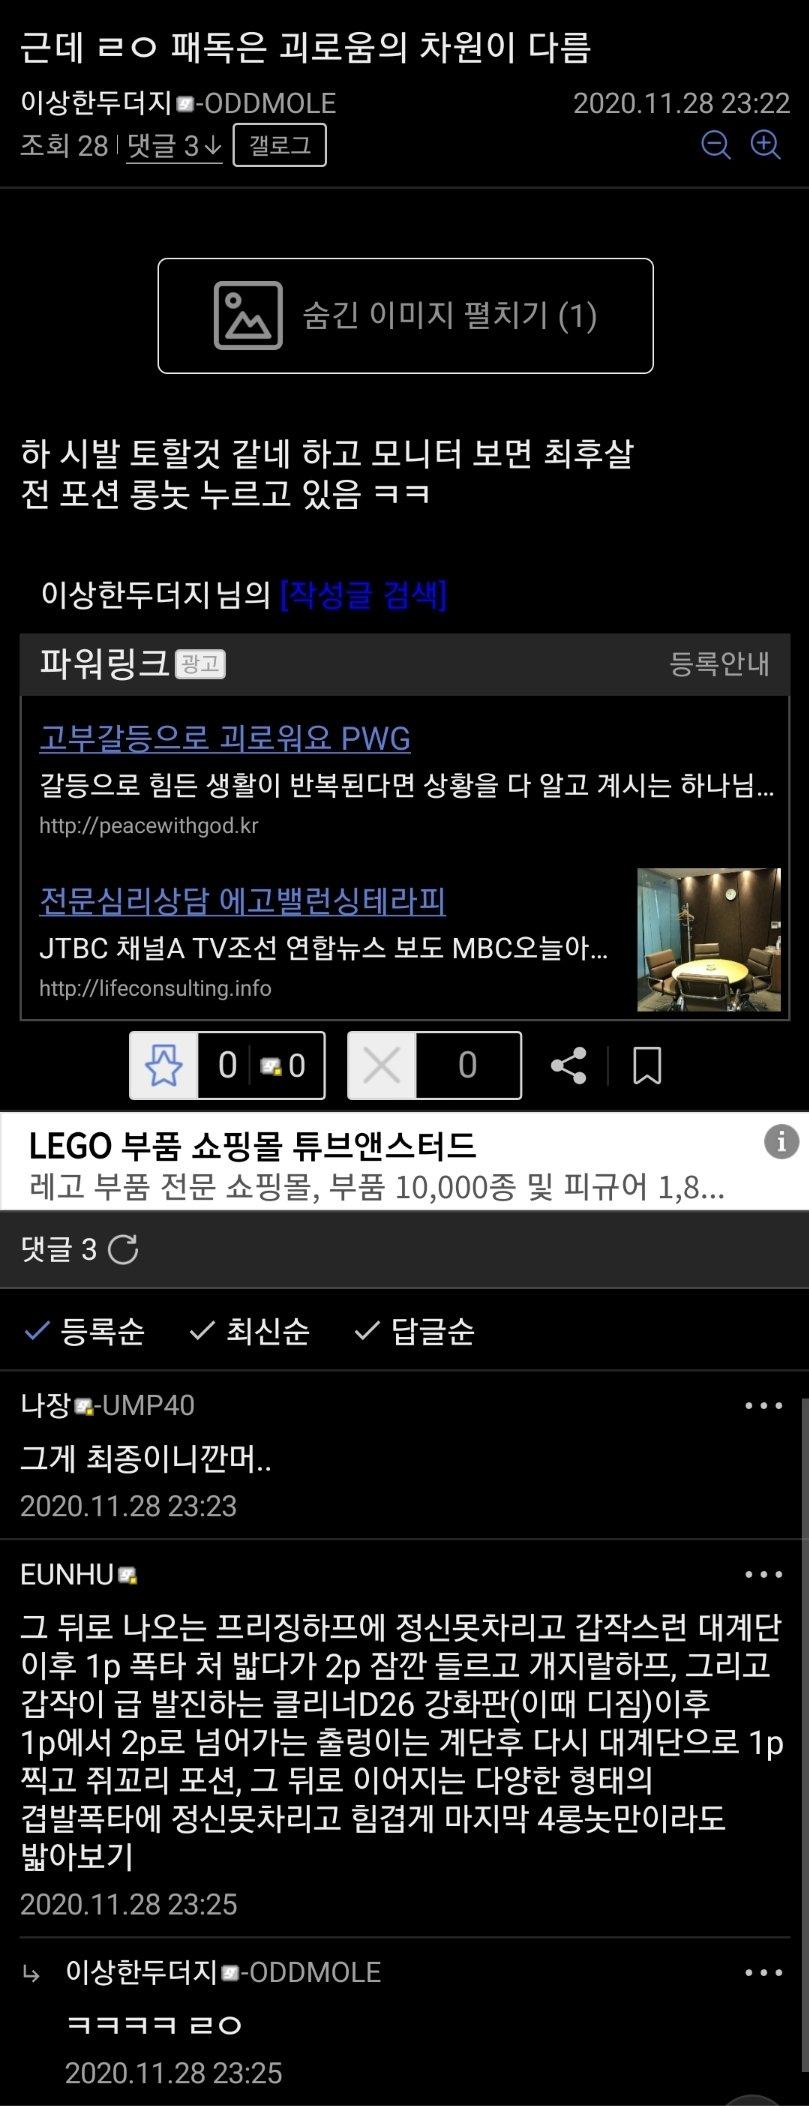 viewimage.php?id=3da8dd36ecc62db6&no=24b0d769e1d32ca73dec84fa11d0283195504478ca9b7677dc322d30cb3d9b457ab12dd477a9974bcd29da145ac9790c93b55a84bfc7dcc144c67e981b64da513e7a724cbba74c4ef7721b756ab308c75c93bc9dd4824670a4b2e833aea38c